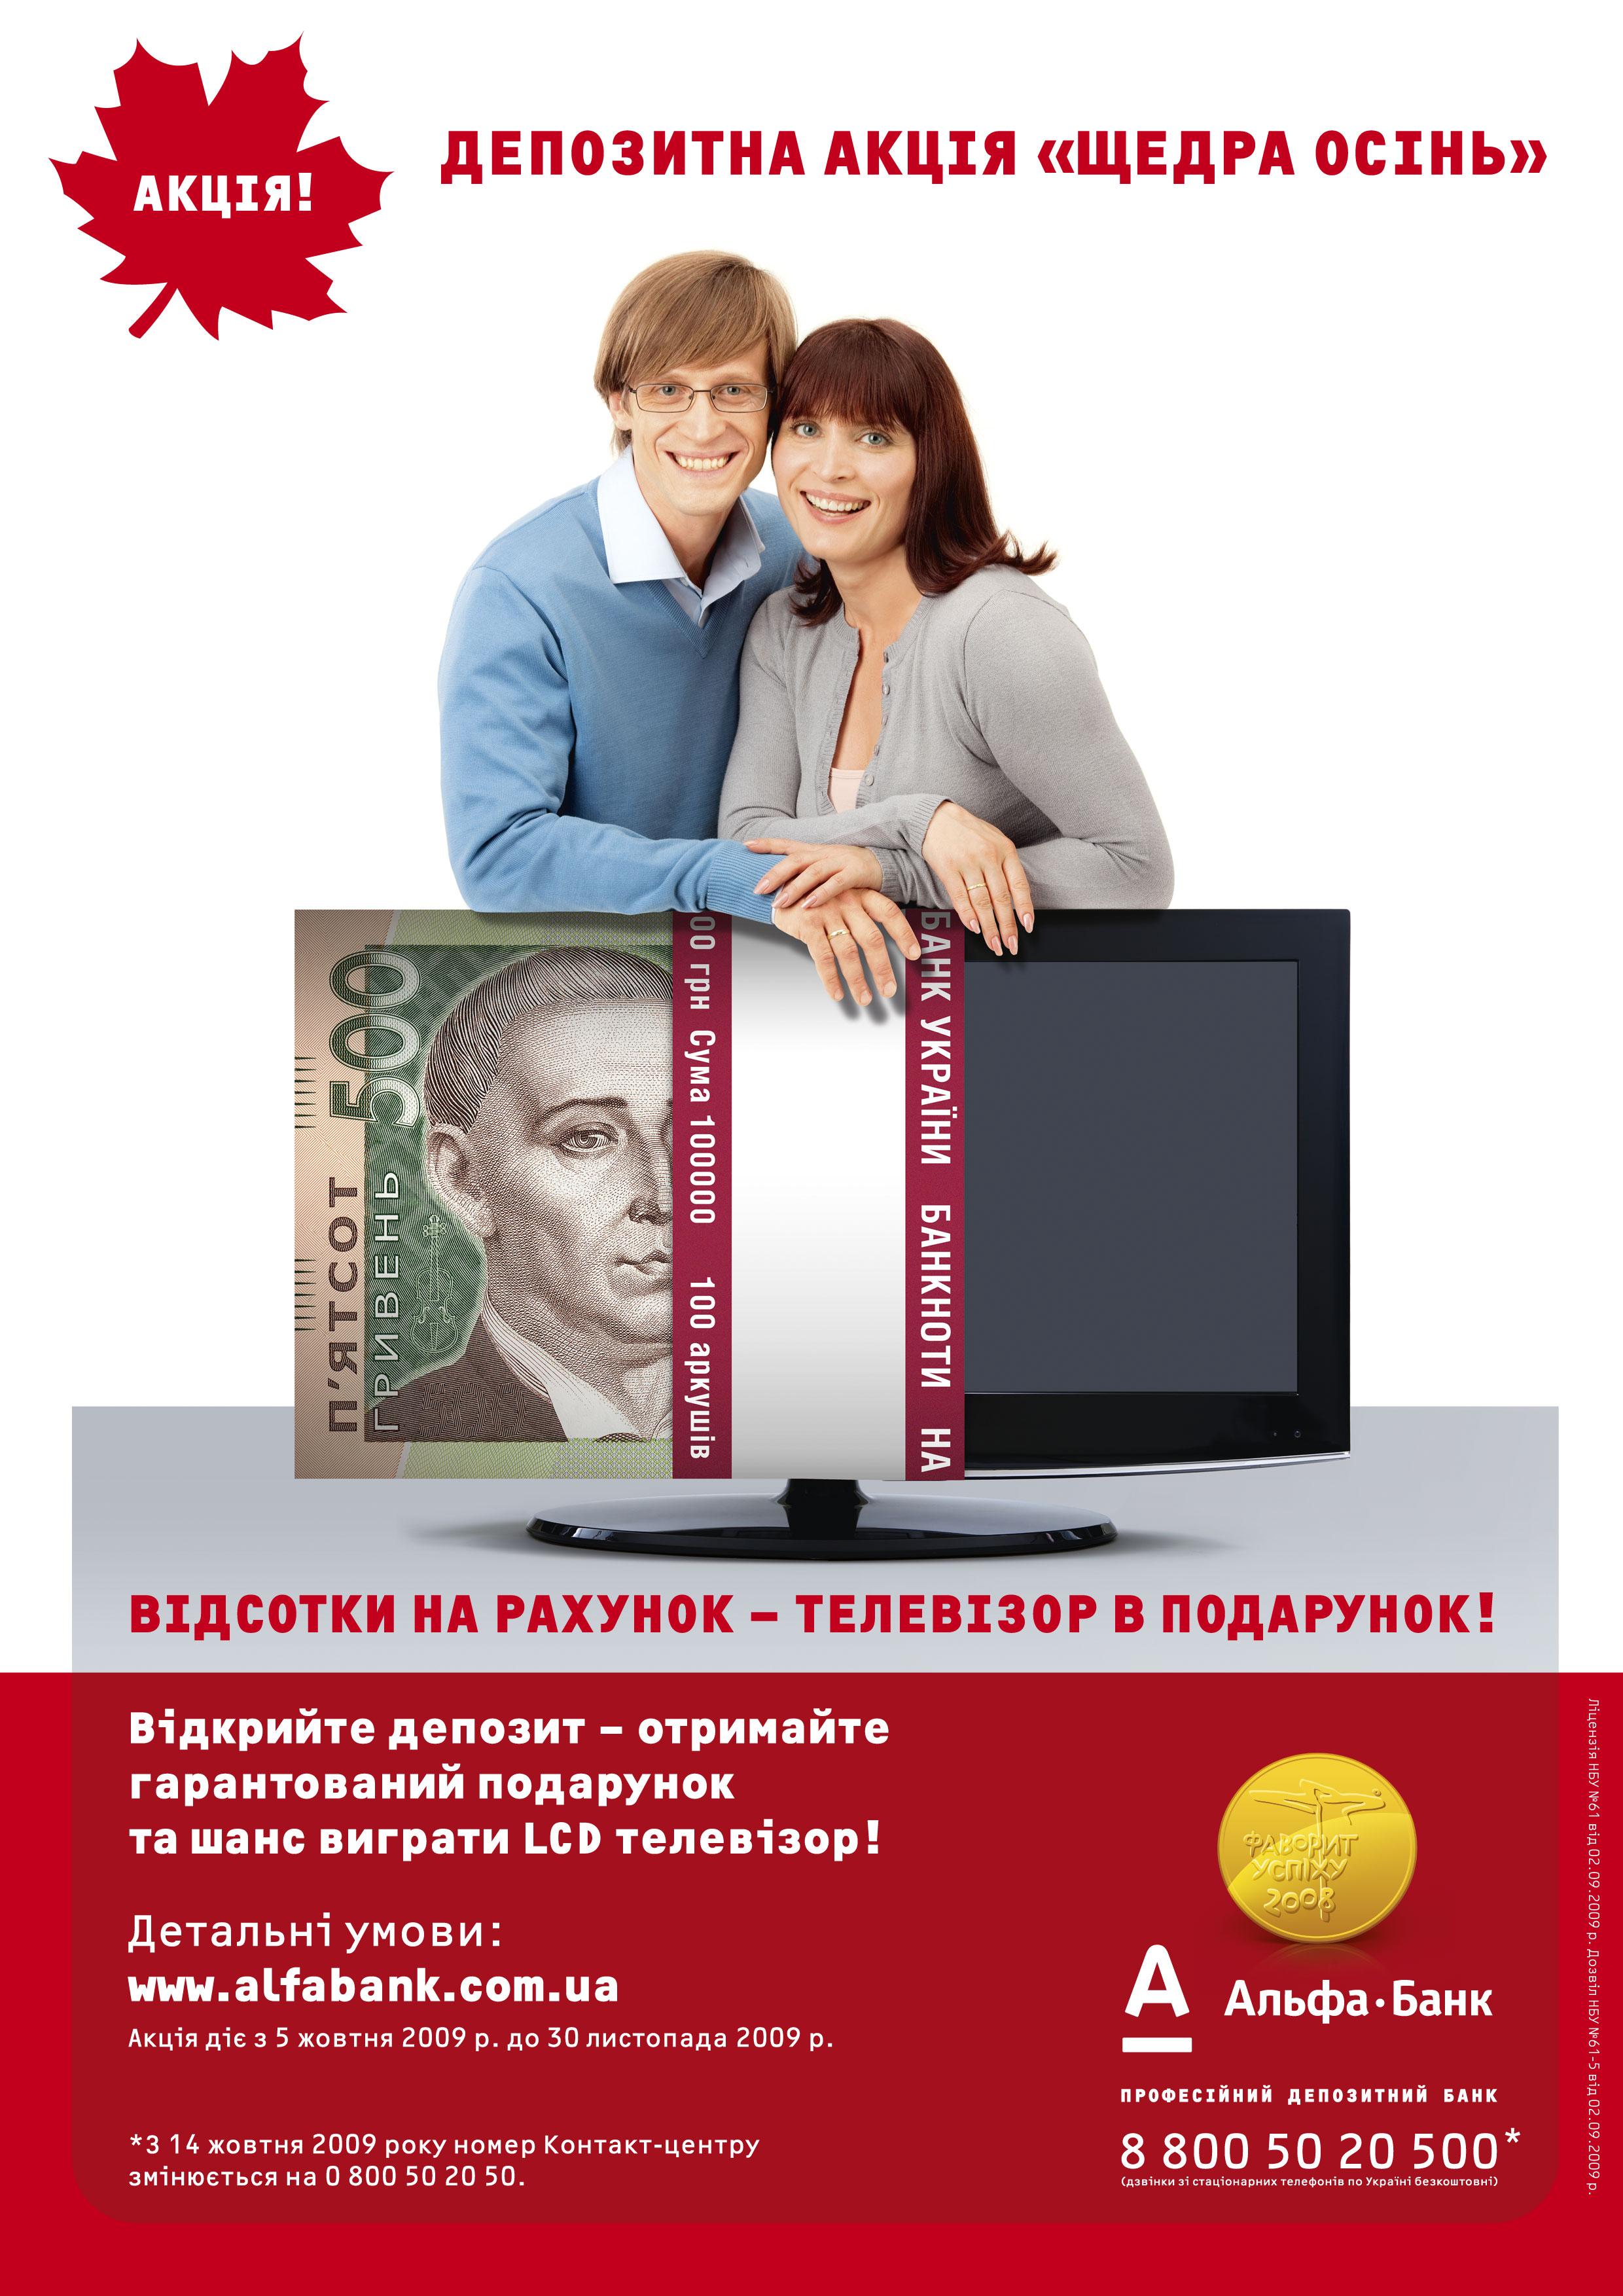 Реклама про щедрый депозит